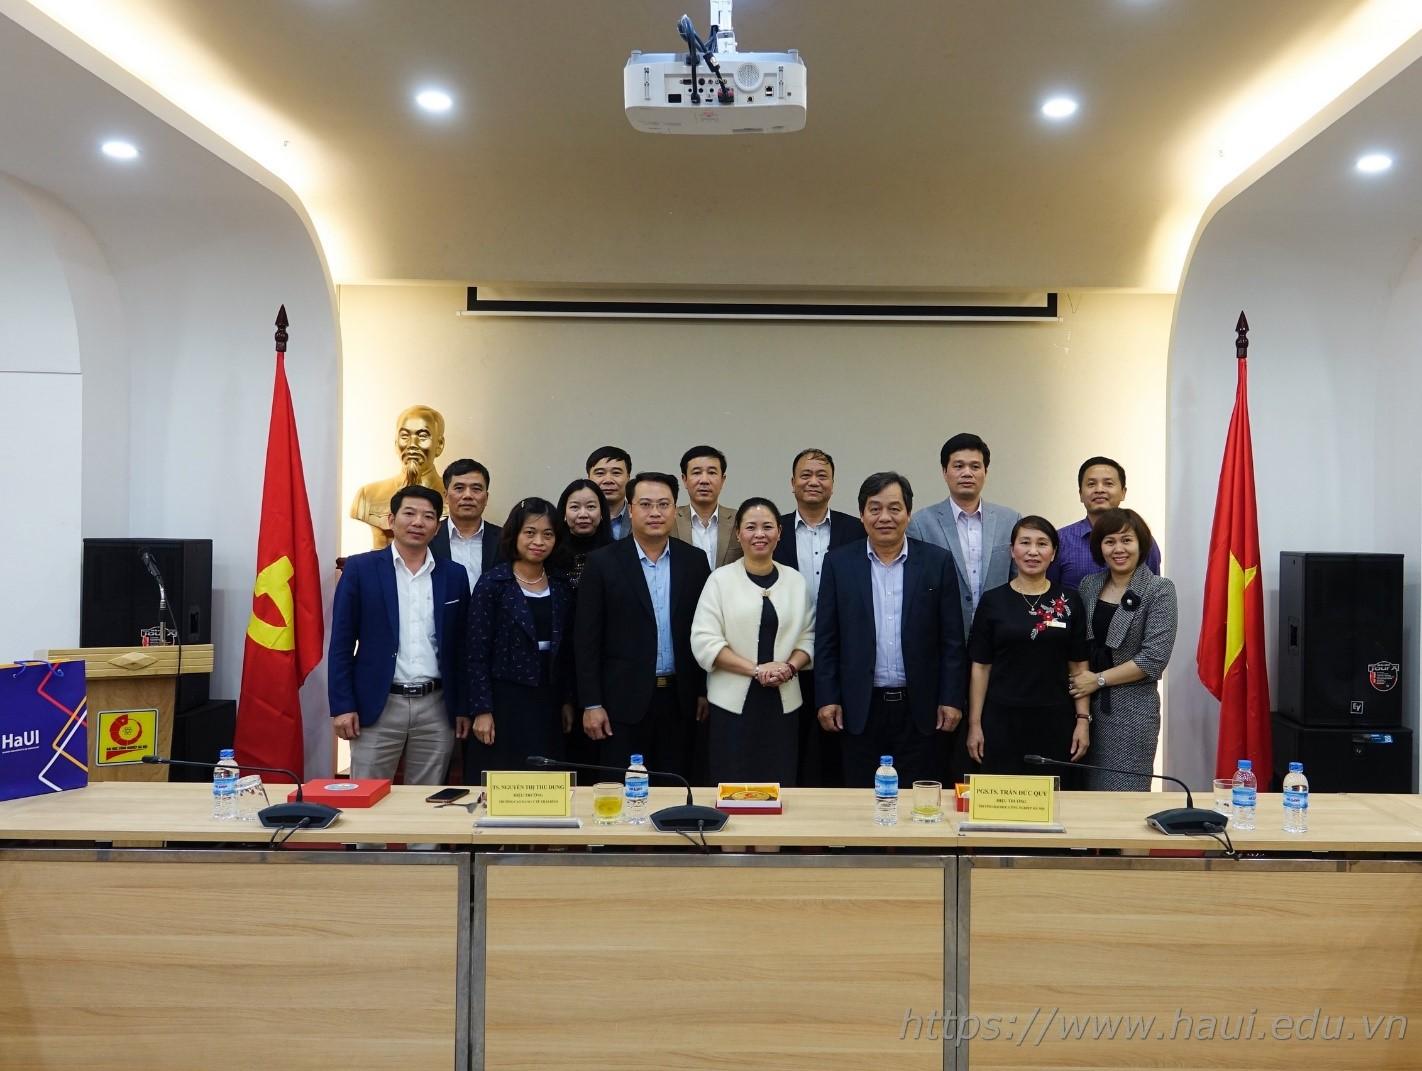 Đoàn Trường Cao đẳng Y tế Thái Bình thăm và làm việc tại Đại học Công nghiệp Hà Nội